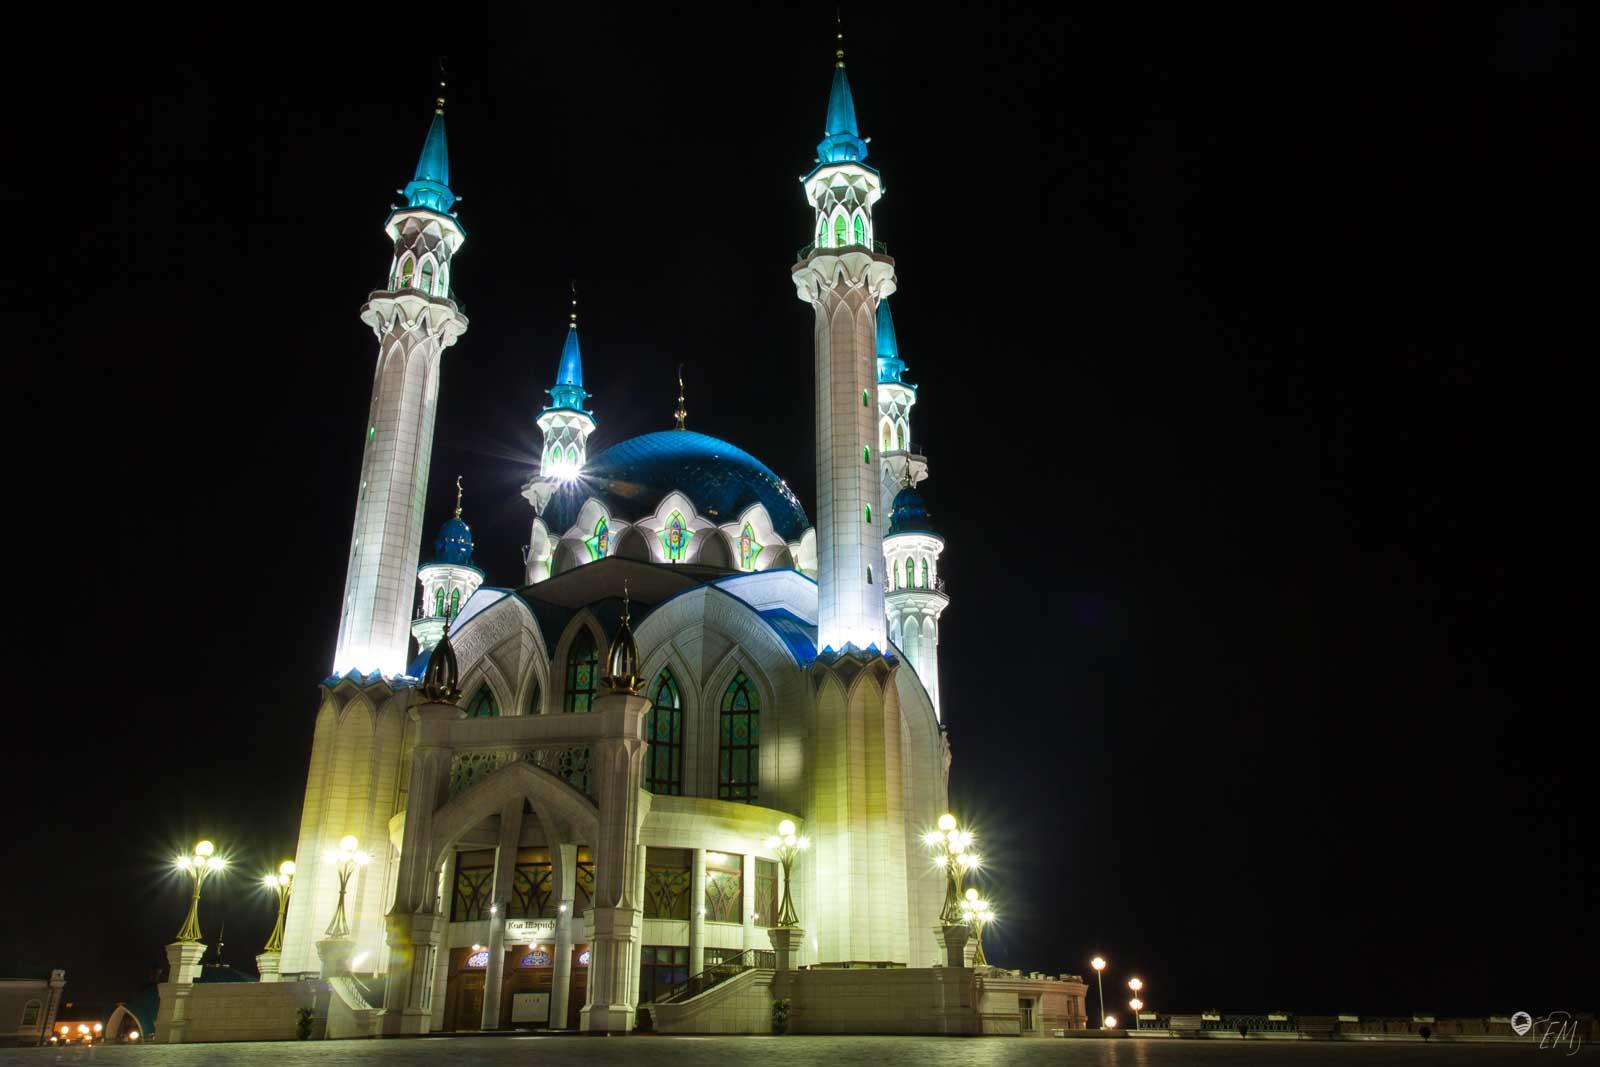 Die Kul-Scharif- Moschee bei Nacht ist eine echte Augenweide